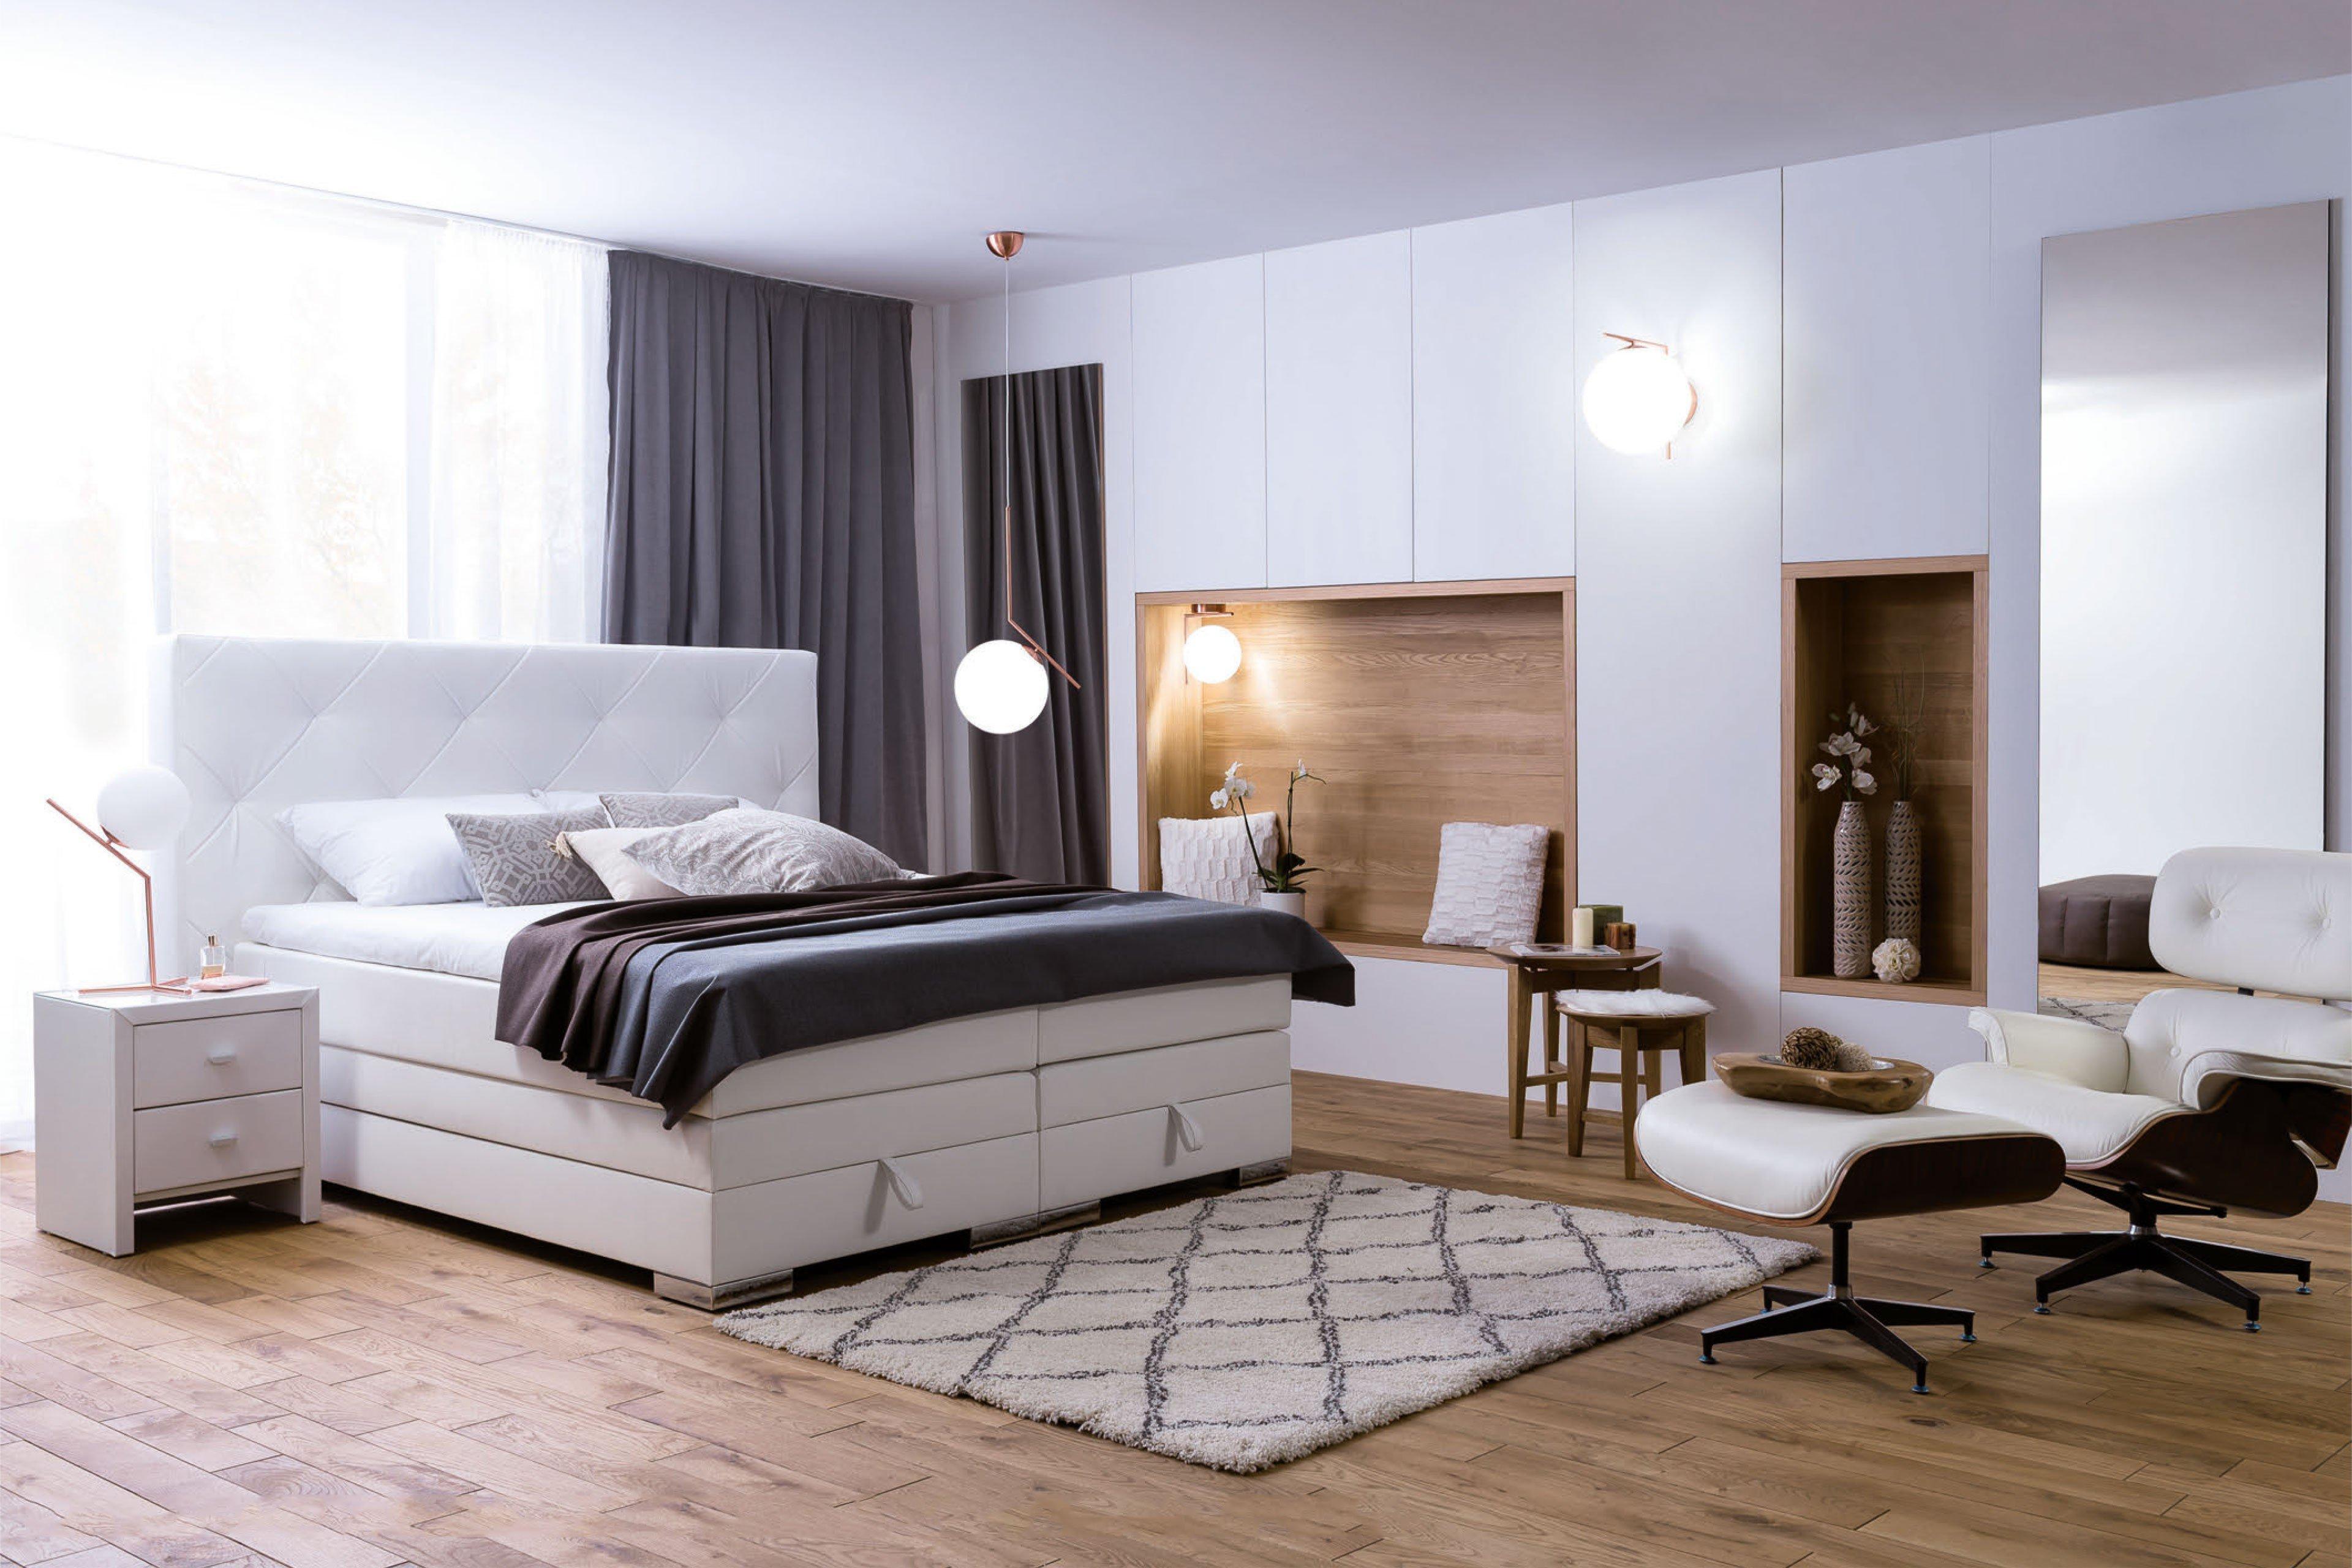 Boxspringbett weiß mit bettkasten  Dico Möbel BS9050 Boxspringbett in Weiß mit Bettkasten | Möbel Letz ...